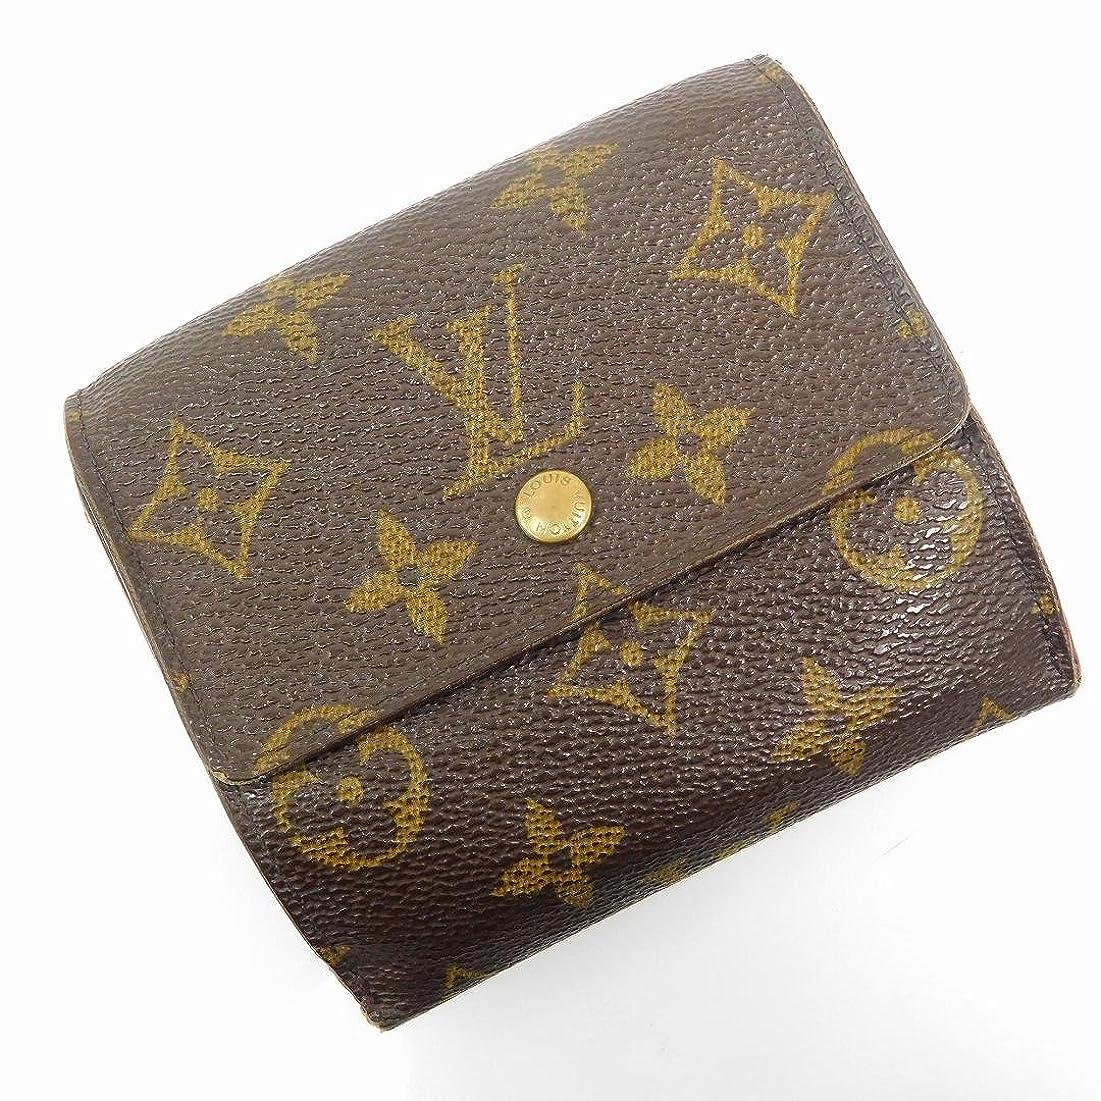 ジェームズダイソントランスミッションそのような[ルイヴィトン] LOUIS VUITTON 二つ折り財布 モノグラム M61652 PVC×レザー X17306 中古